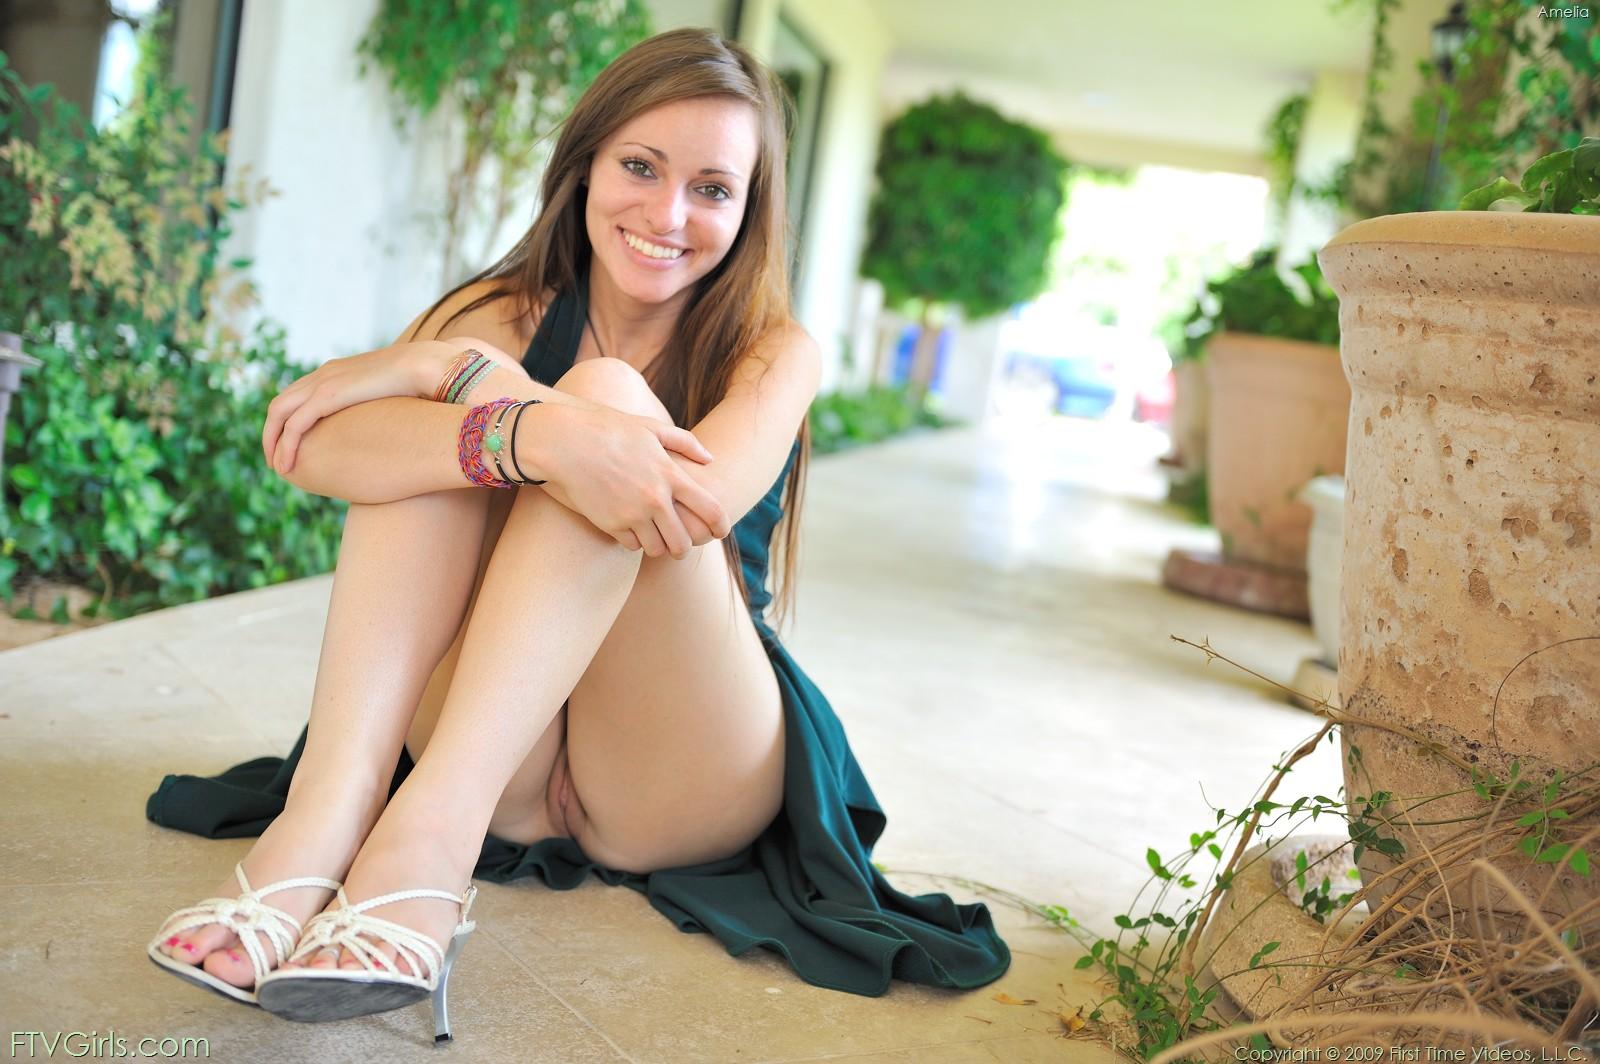 http://content9.novoglam.com/ftvgirls.com/6716/15.jpg